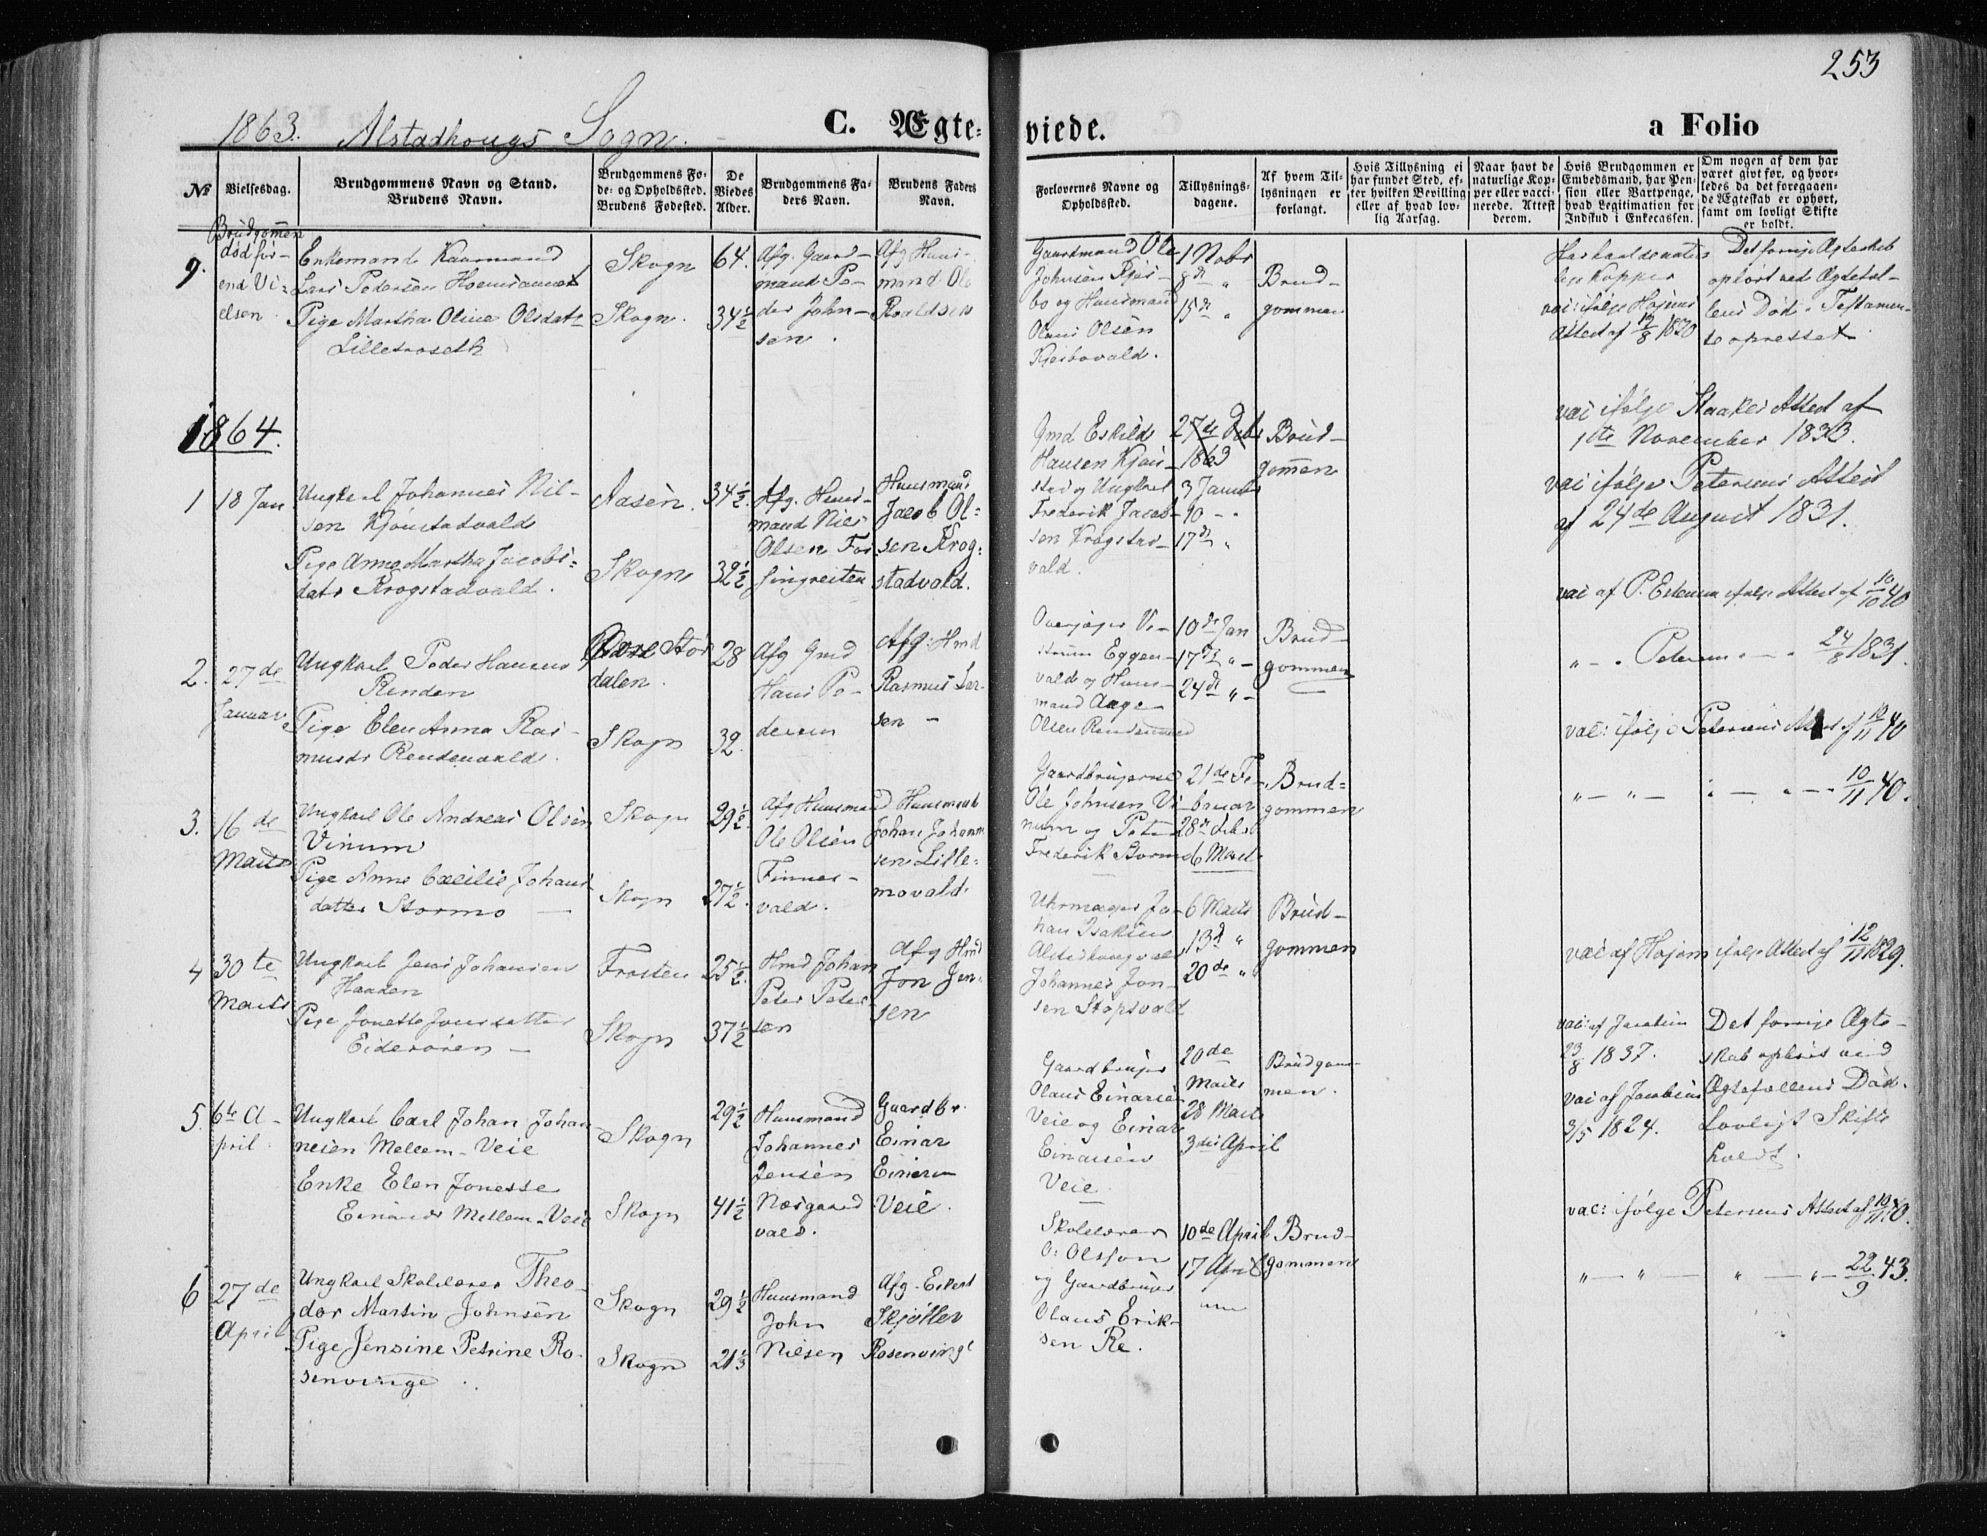 SAT, Ministerialprotokoller, klokkerbøker og fødselsregistre - Nord-Trøndelag, 717/L0157: Ministerialbok nr. 717A08 /1, 1863-1877, s. 253